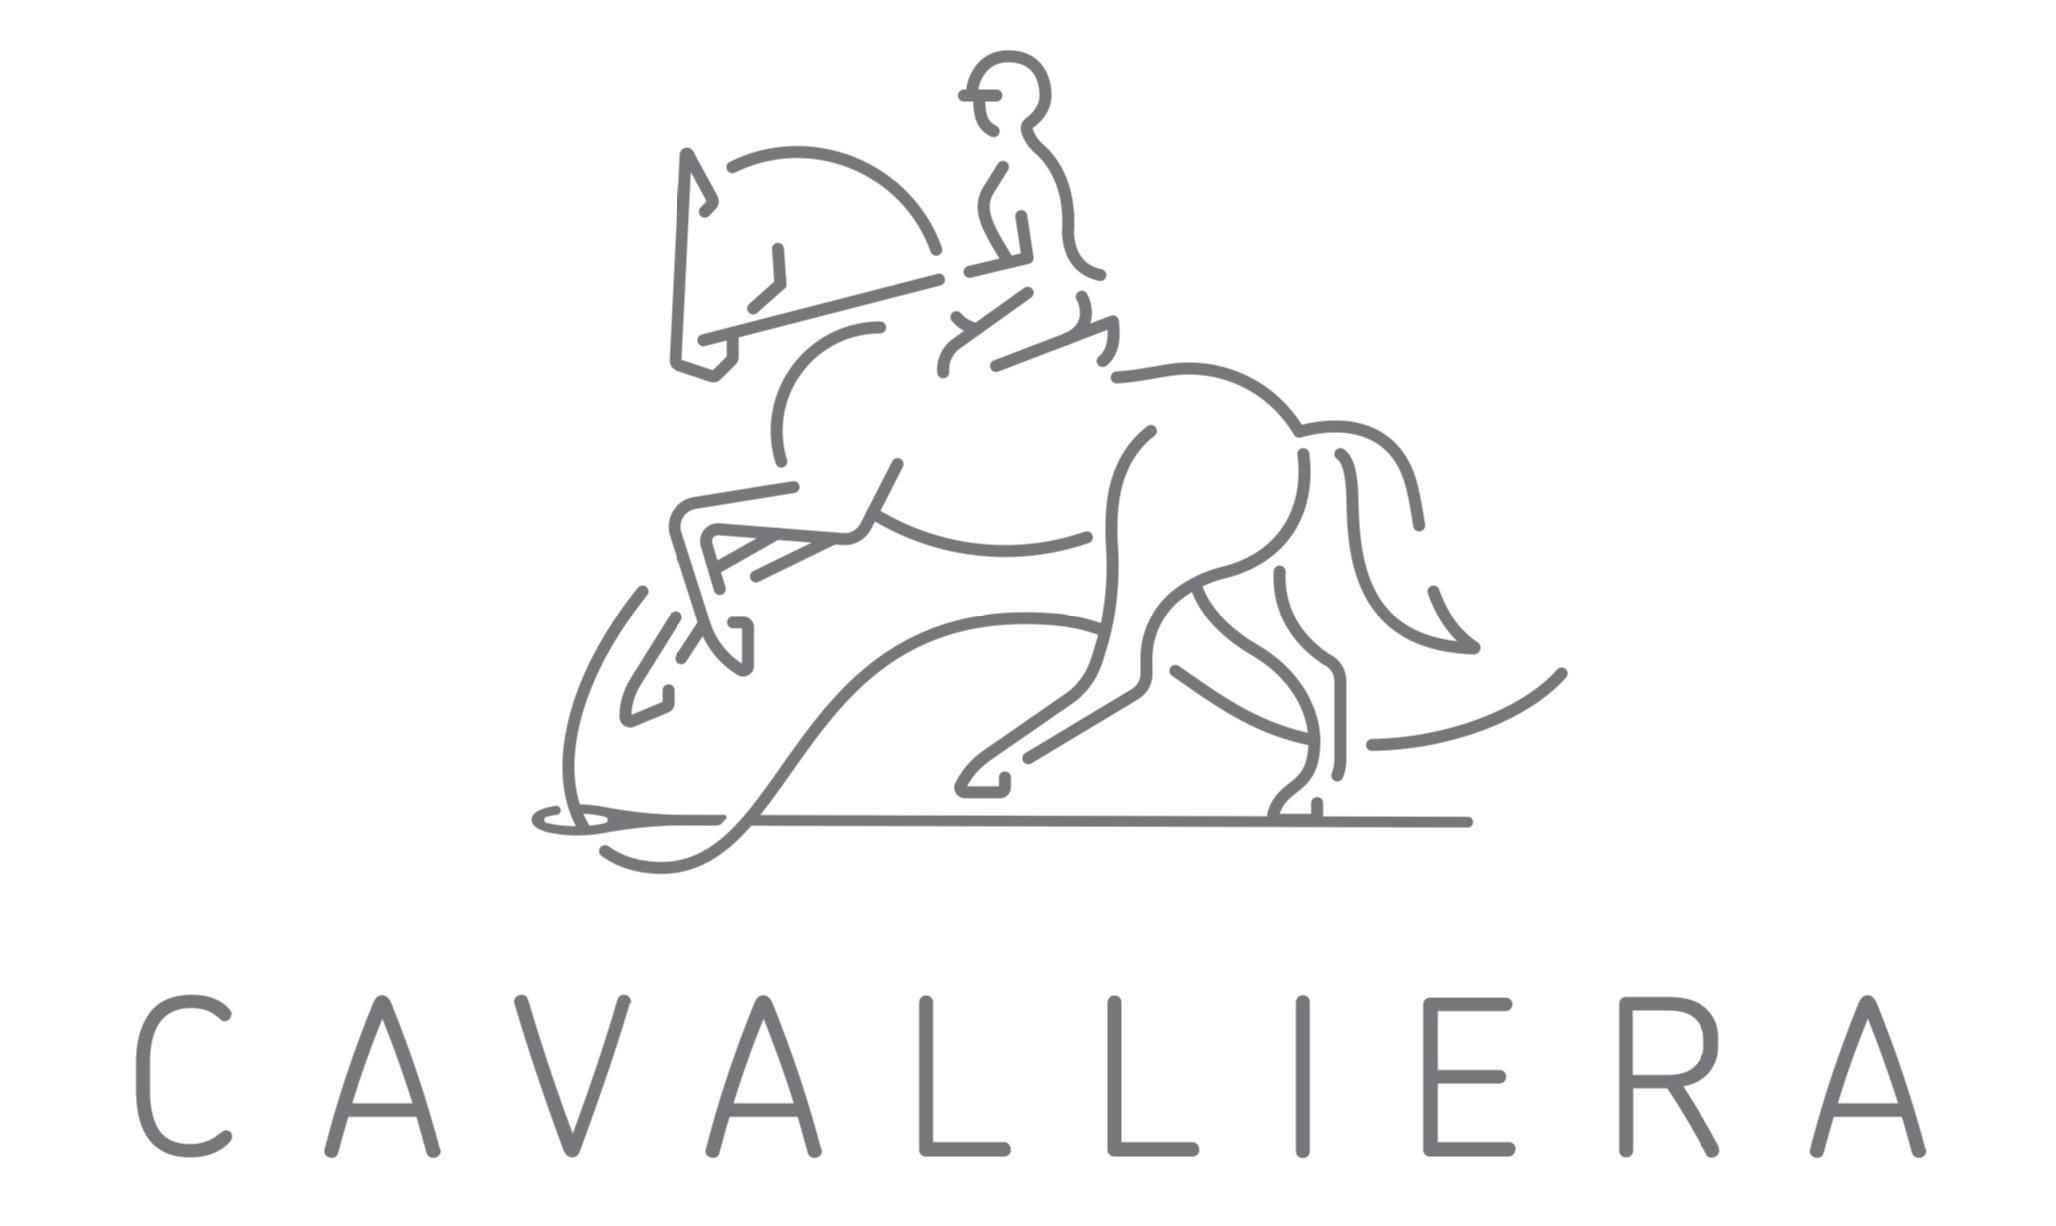 Cavalliera